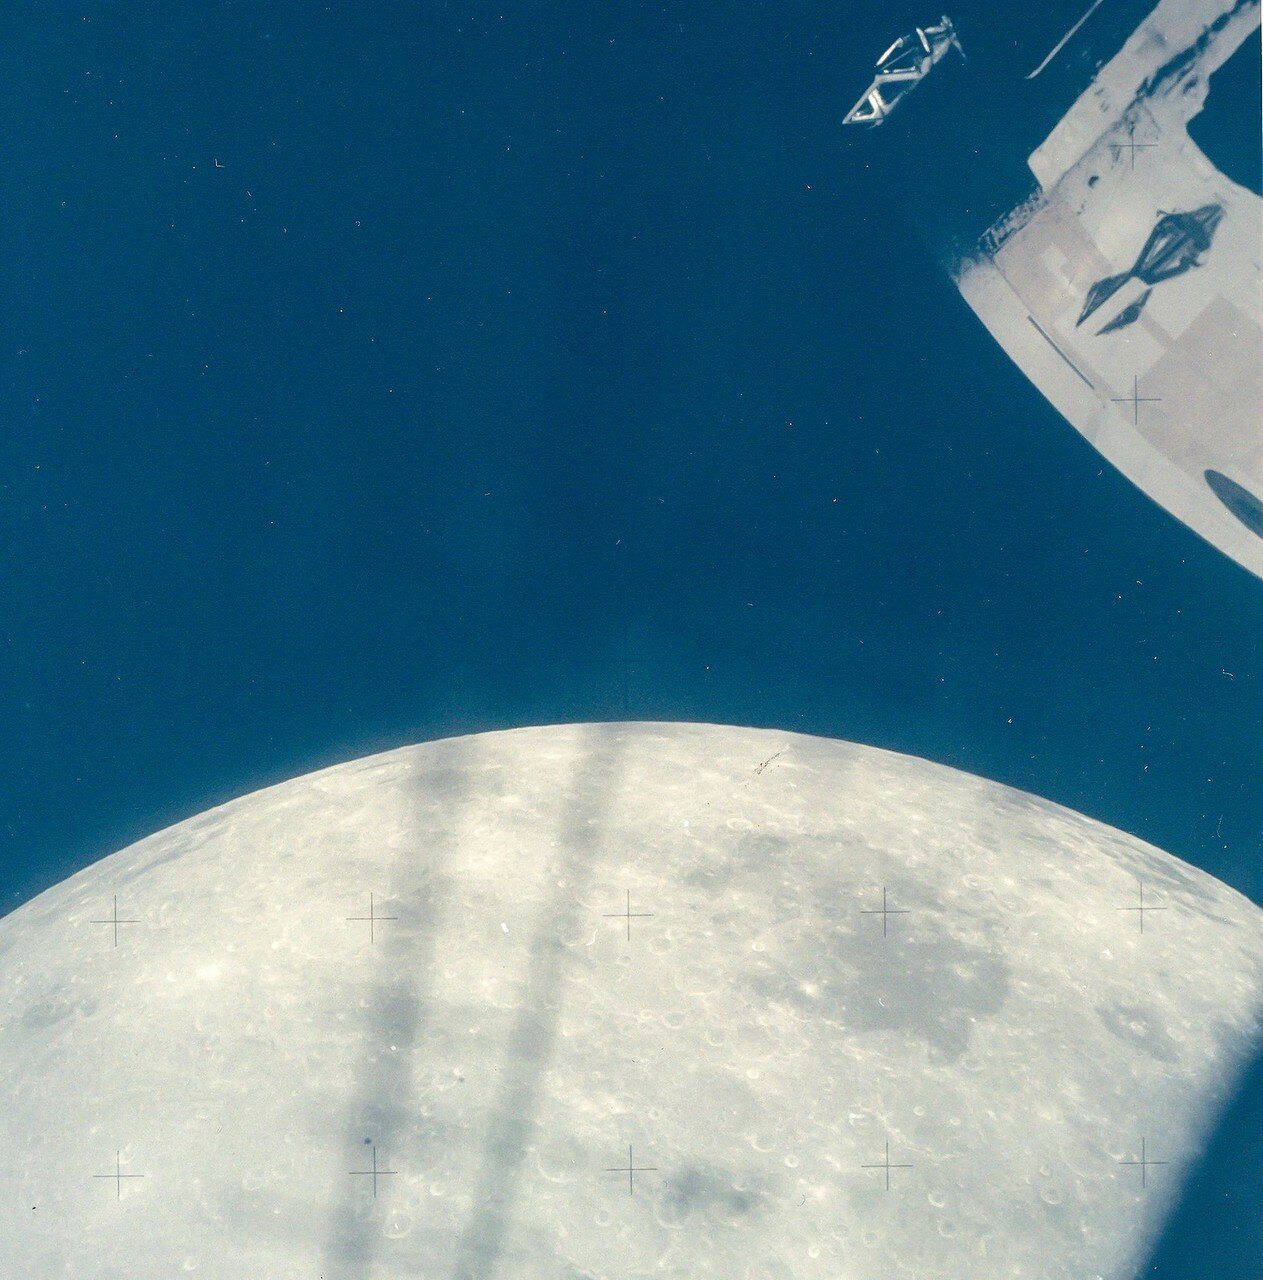 Экипаж покидает Луну, чтобы вернуться на Землю